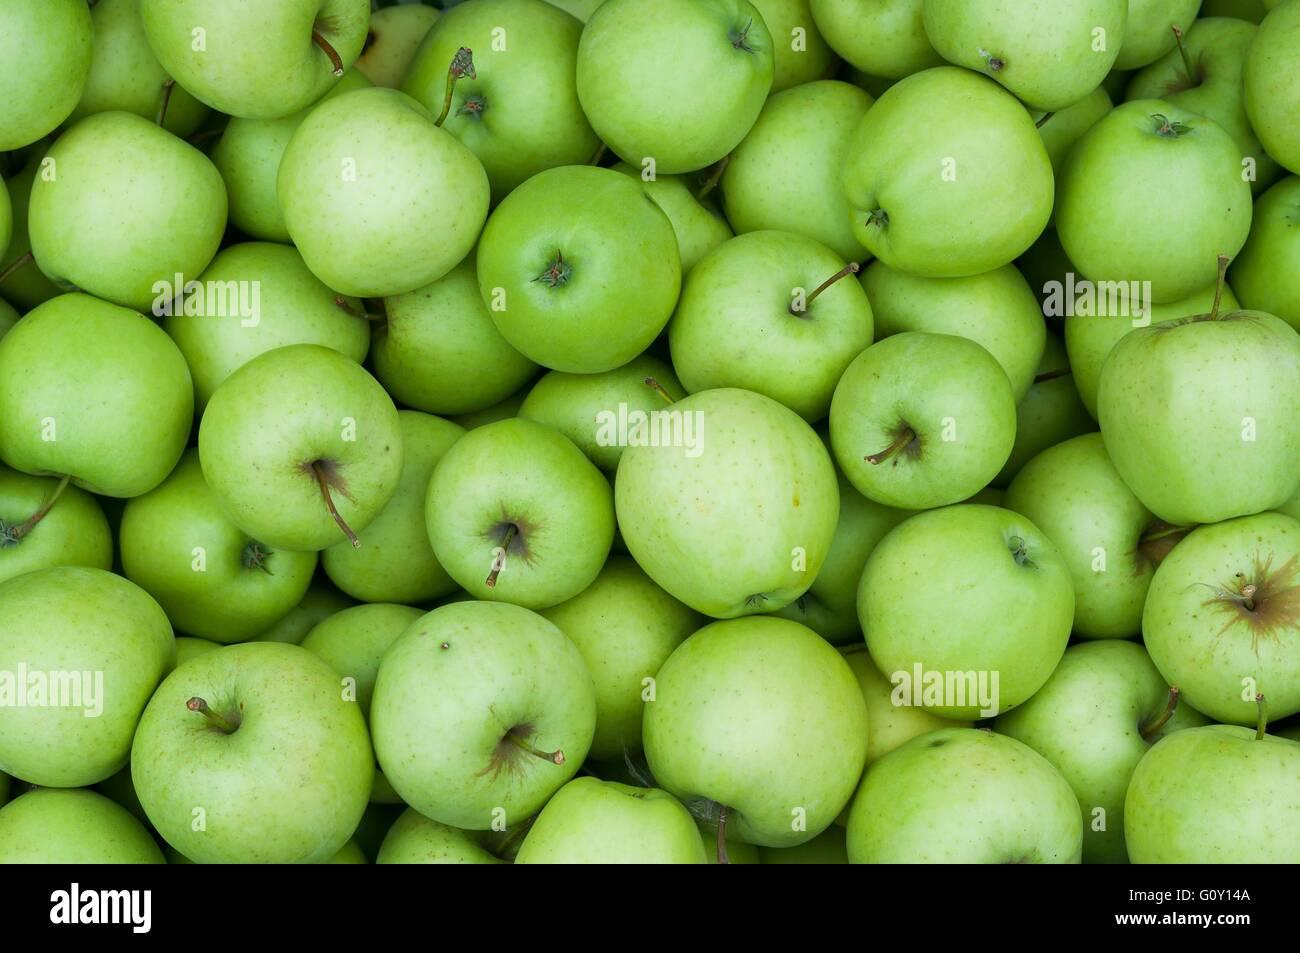 Tas de frais vert pommes Granny Smith. Image en arrière-plan Photo Stock